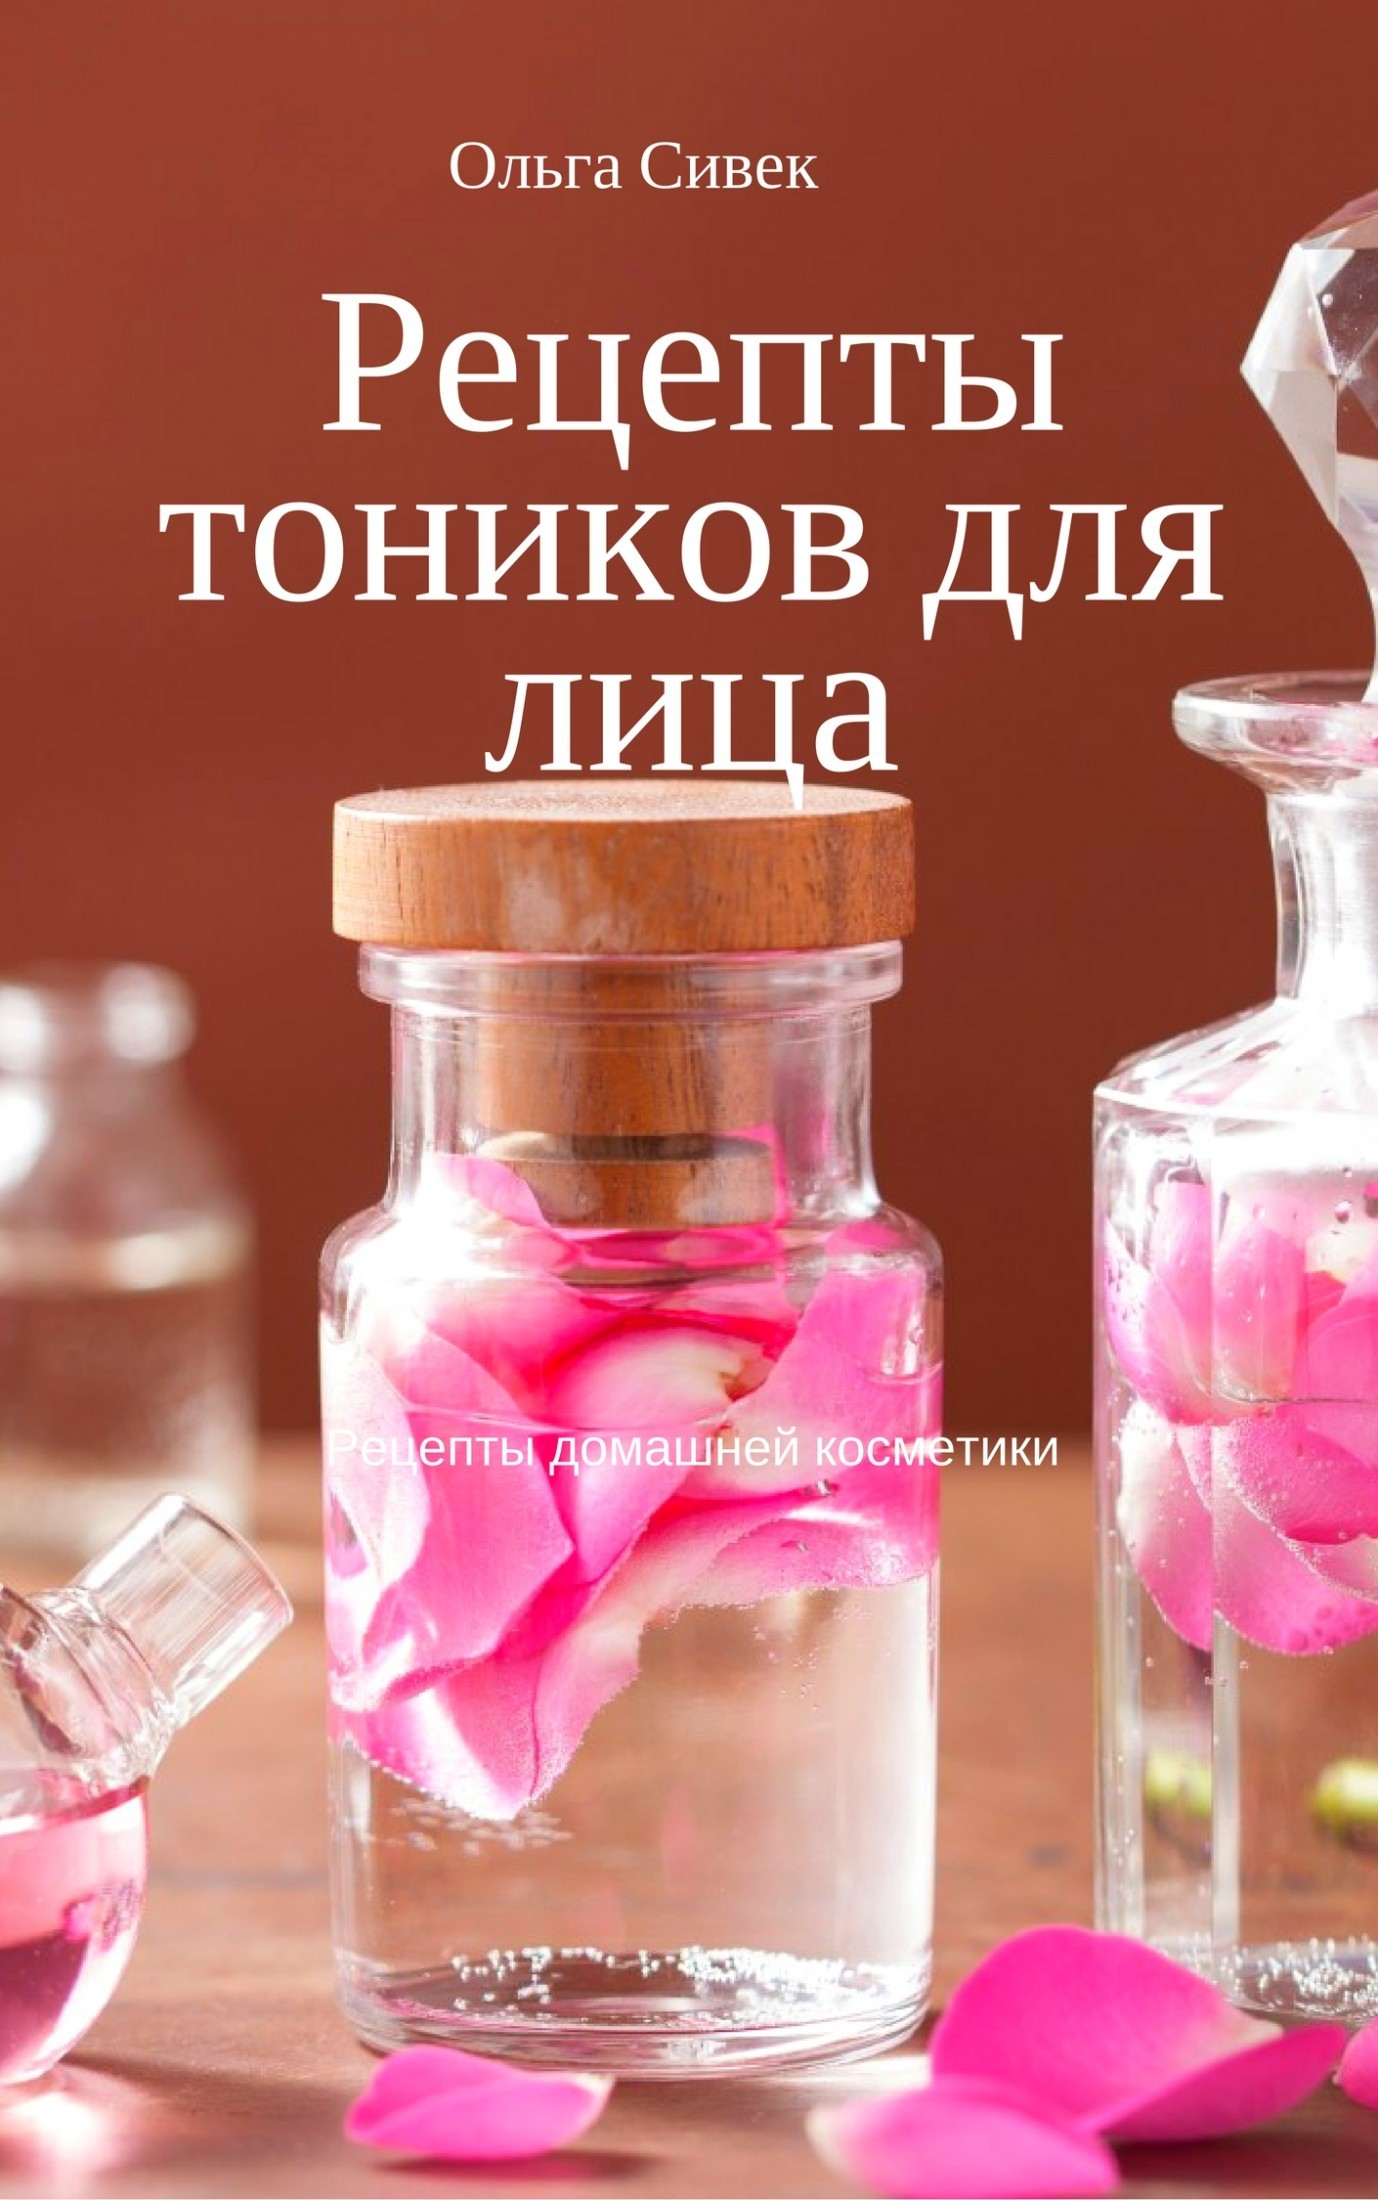 Ольга Сивек Рецепты тоников для лица в какой аптеке города губкинска можно купить стрептоцид